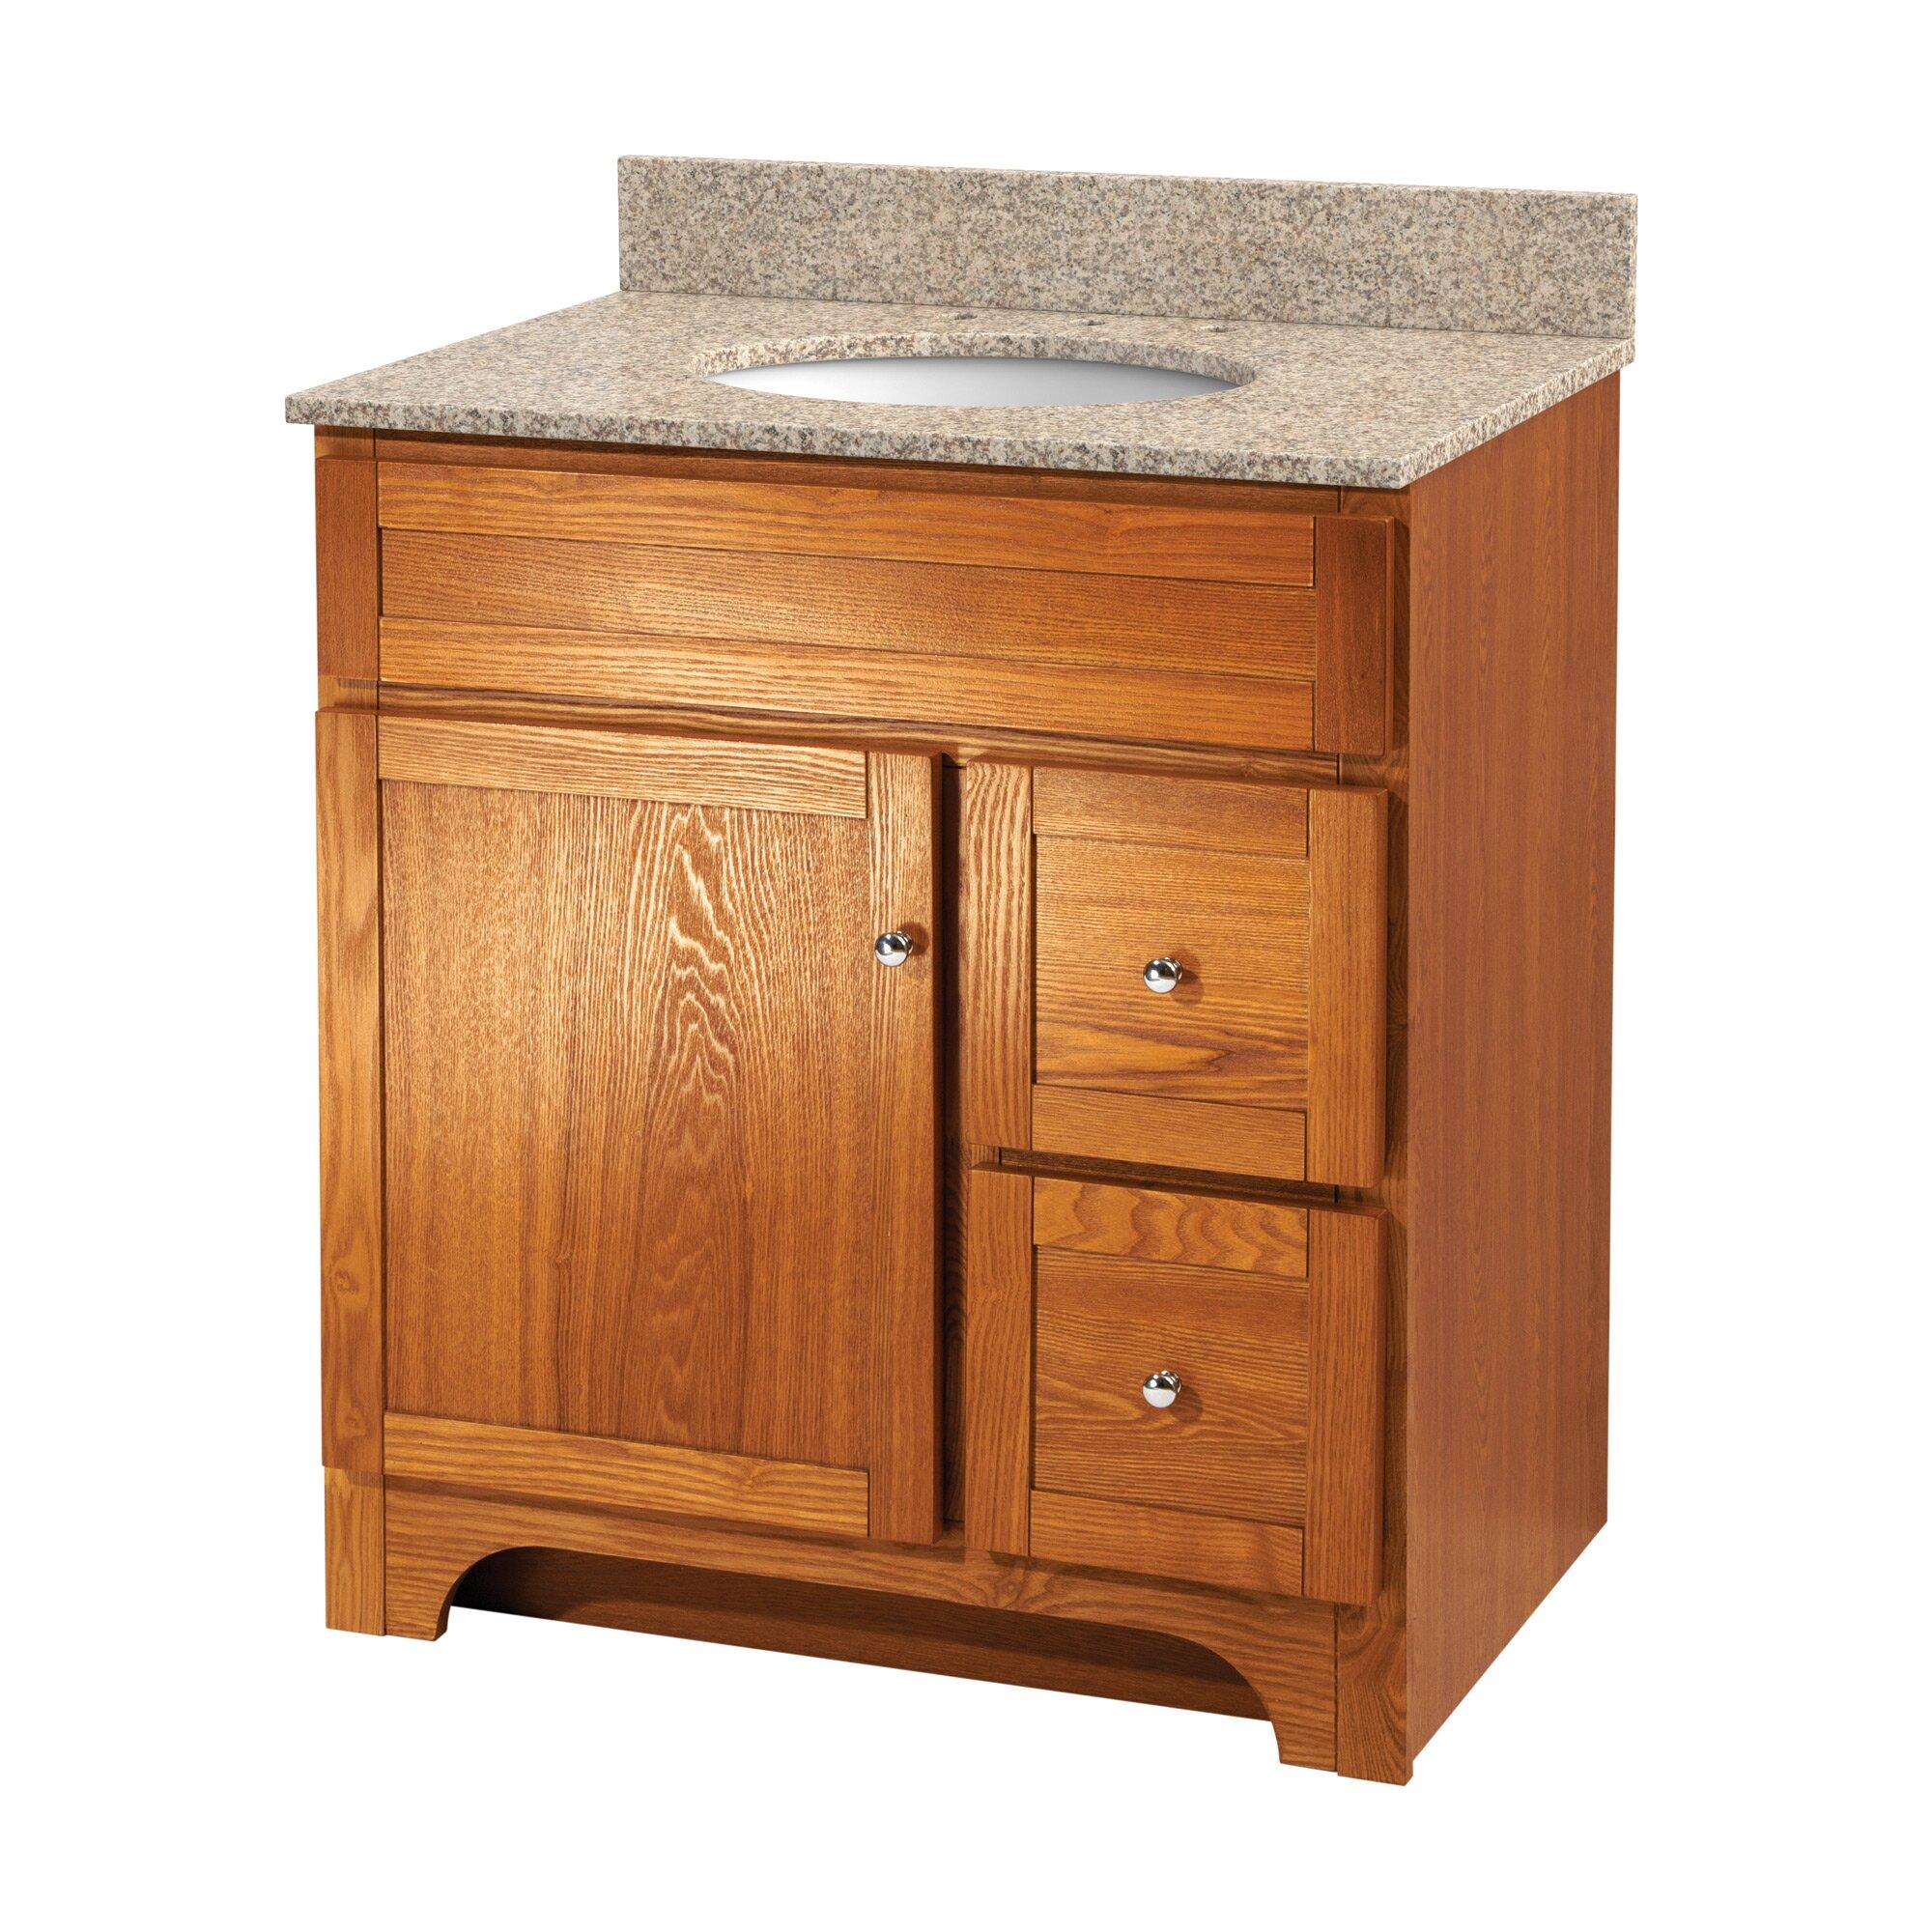 Worthington 31 single bathroom vanity set wayfair - Foremost bathroom vanity reviews ...